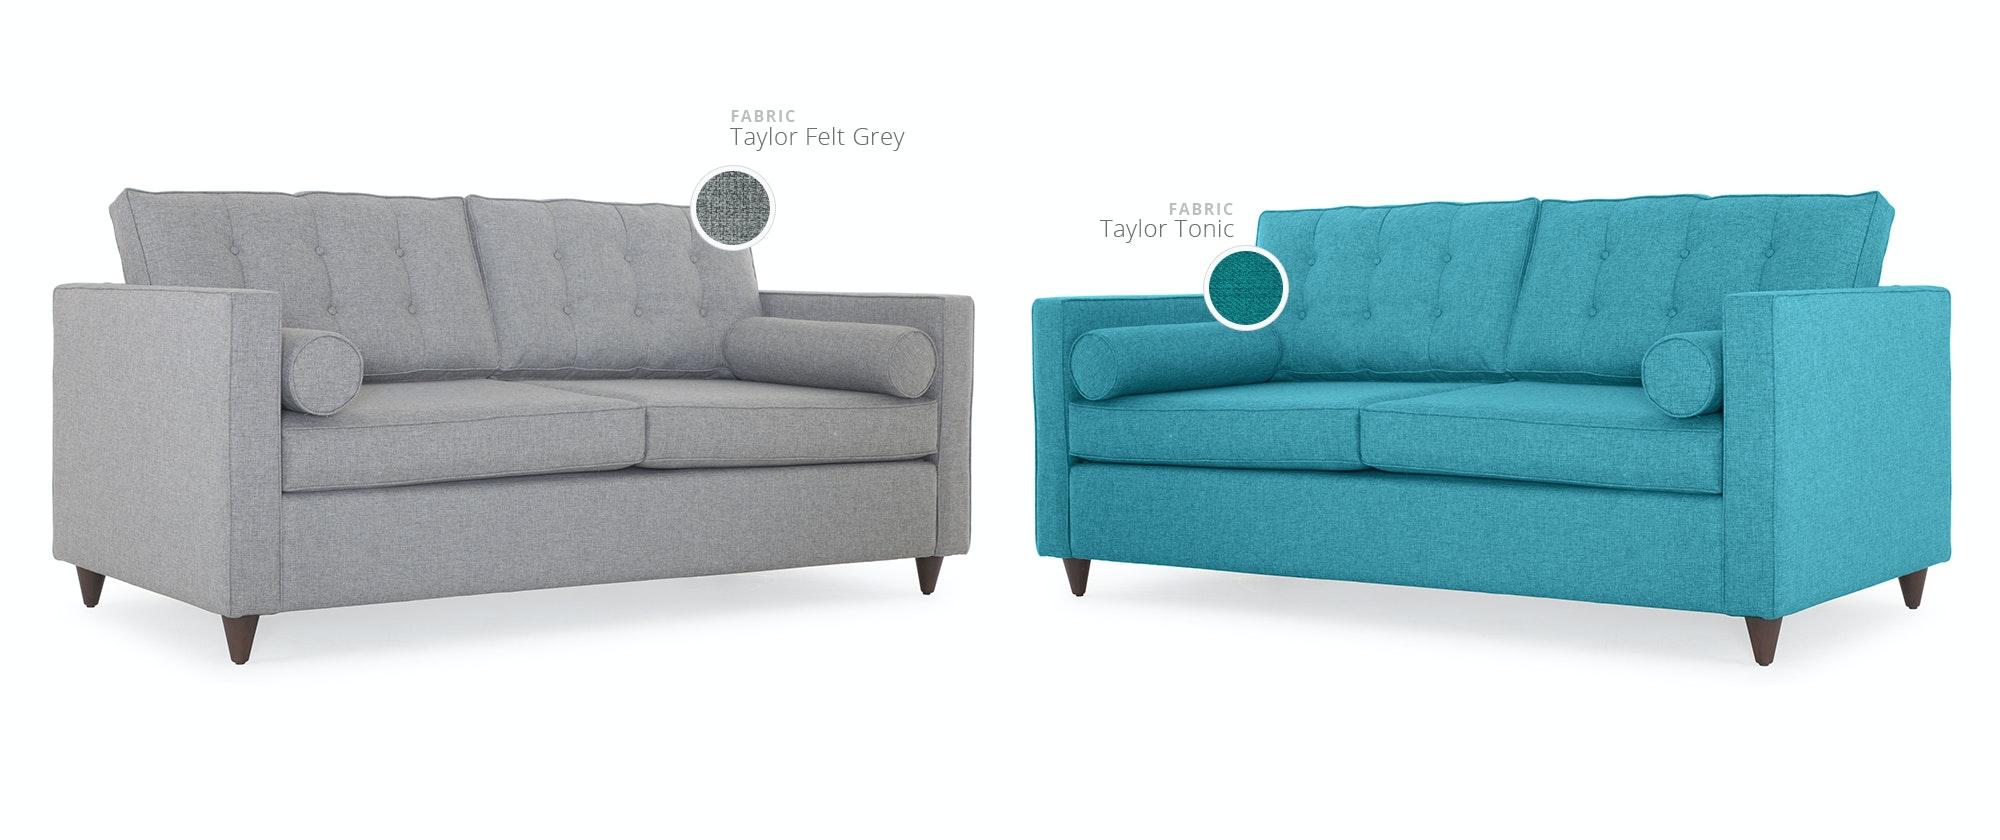 Teal Sleeper Sofa Teal Queen Sleeper Sofa Set Ava Bed 7366